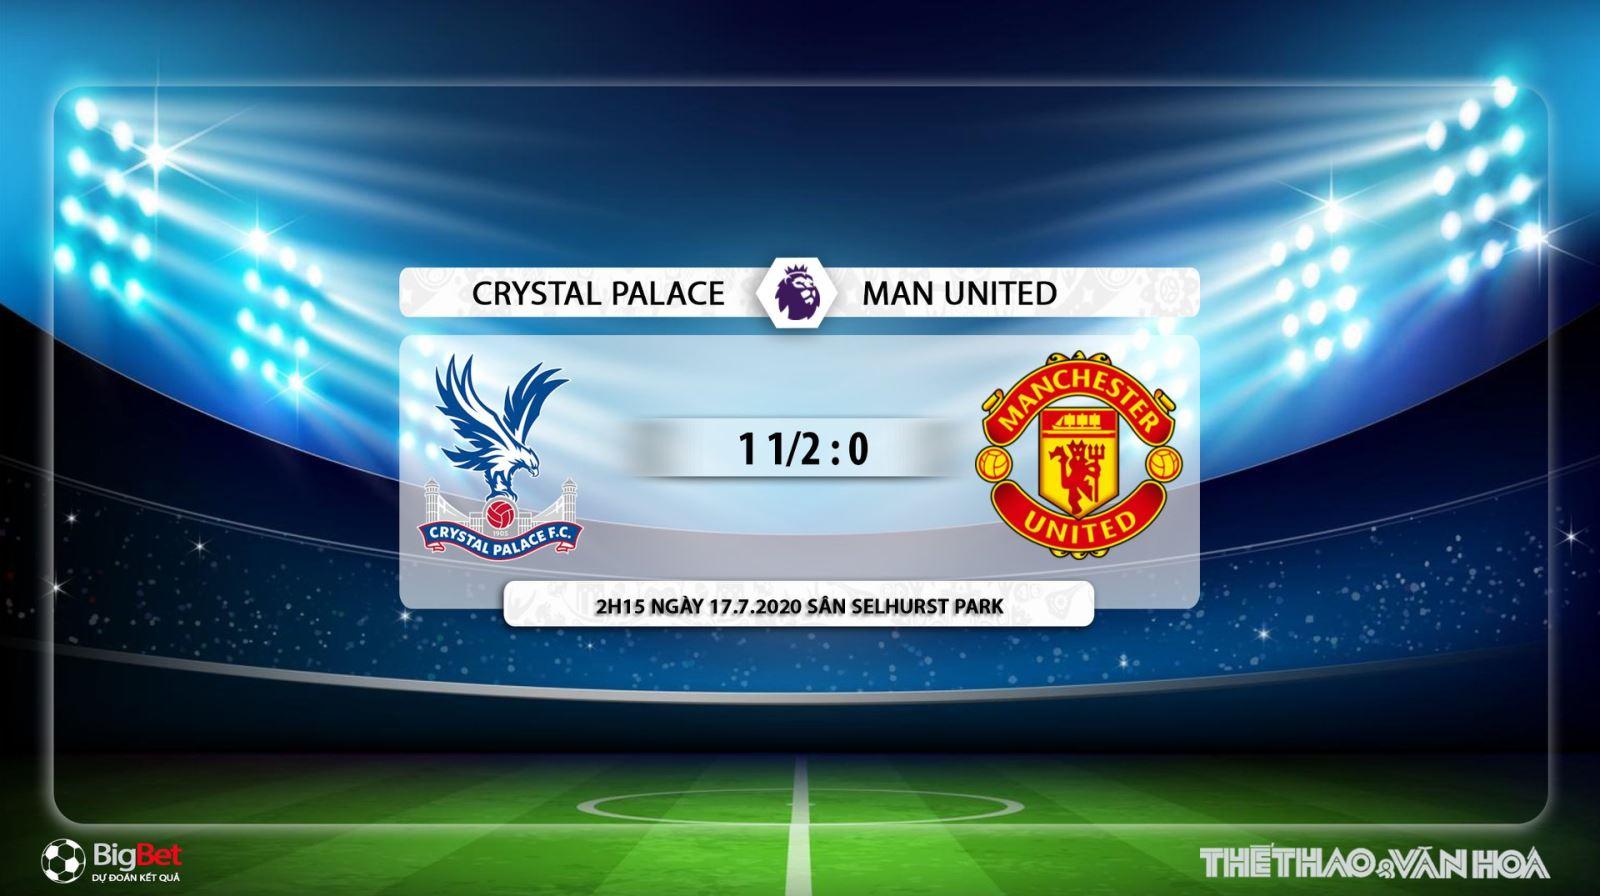 Crystal Palace vs MU, soi kèo Crystal Palace vs MU, trực tiếp Crystal Palace vs MU, dự đoán, nhận định, trực tiếp bóng đá, MU, Crystal Palace